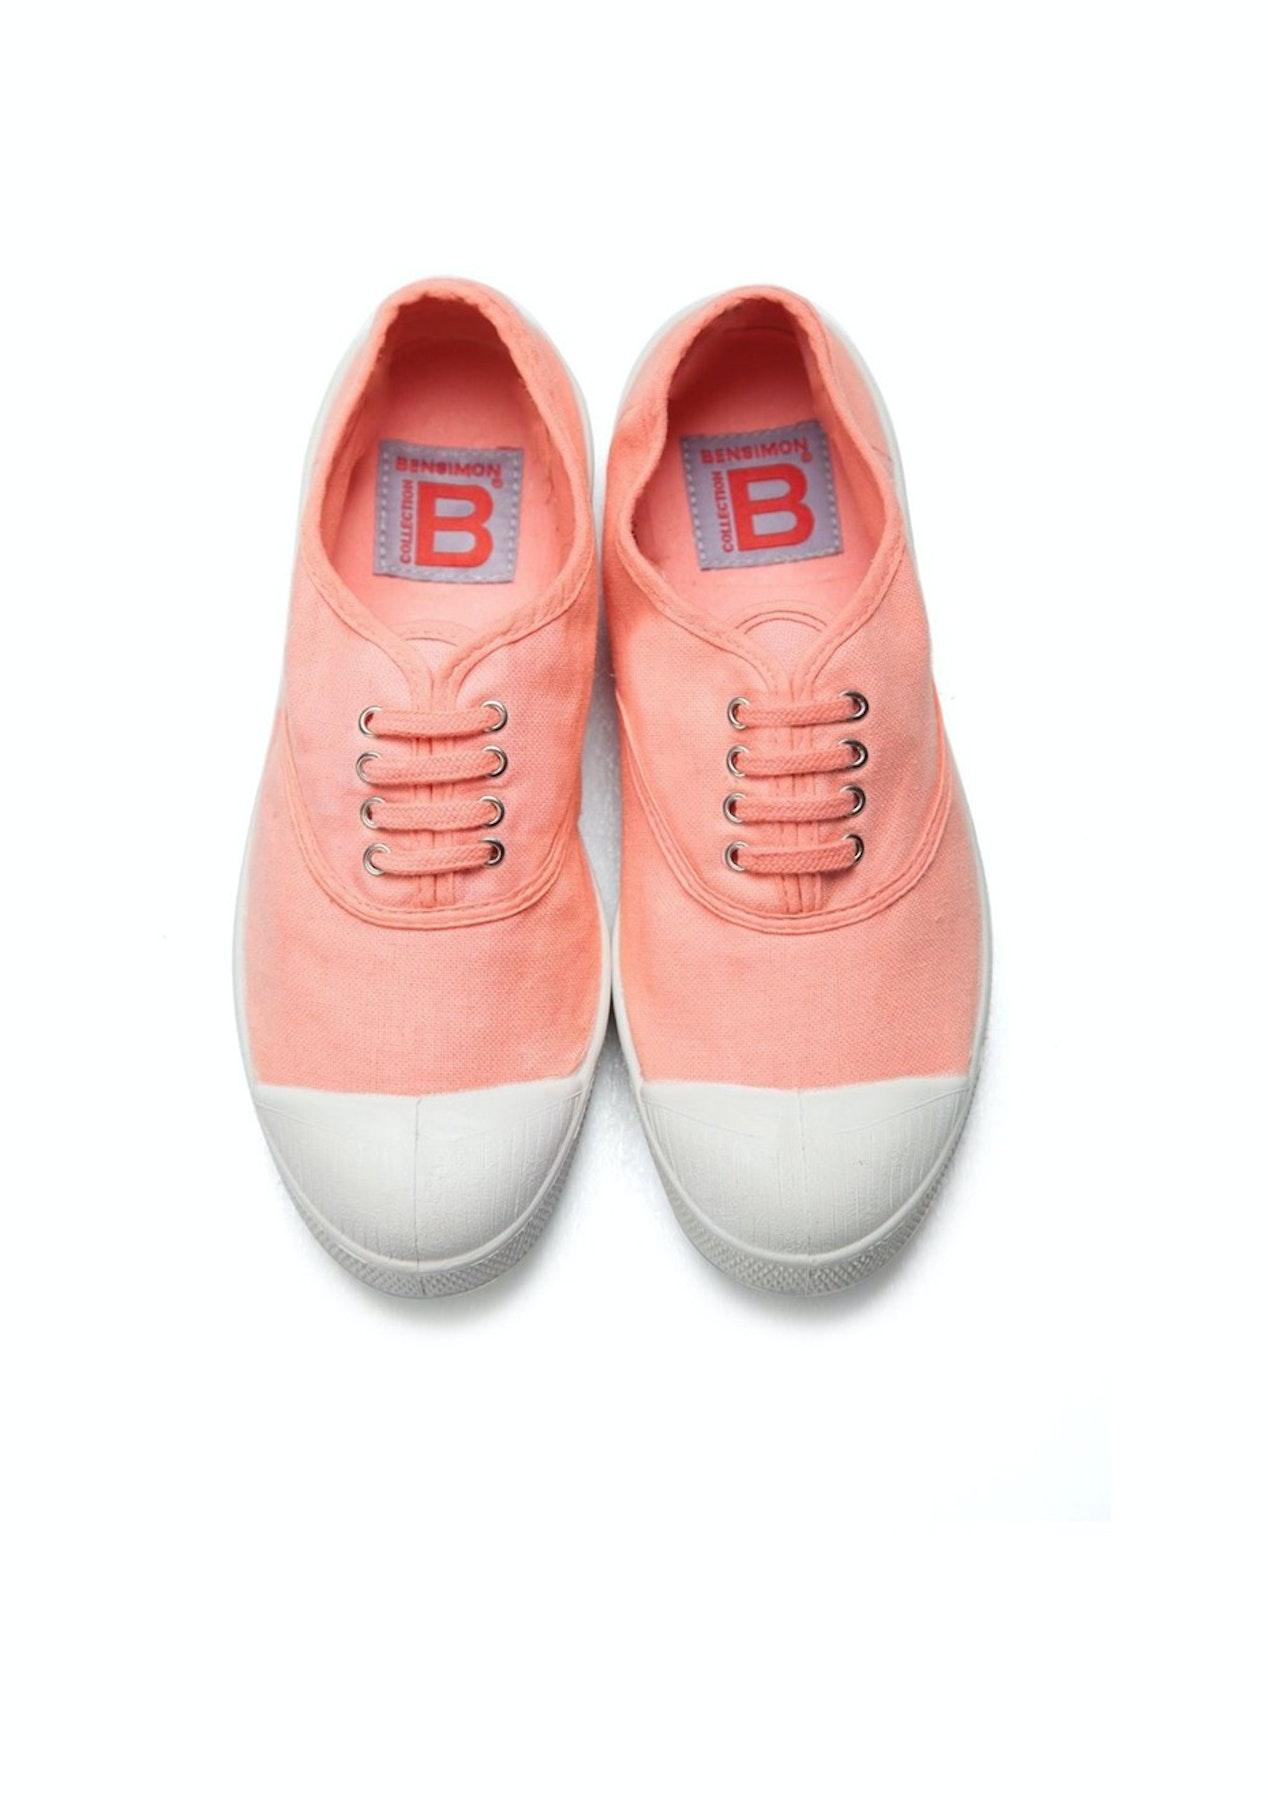 3c51db276 Bensimon - Tennis Lacet Femme - Coral